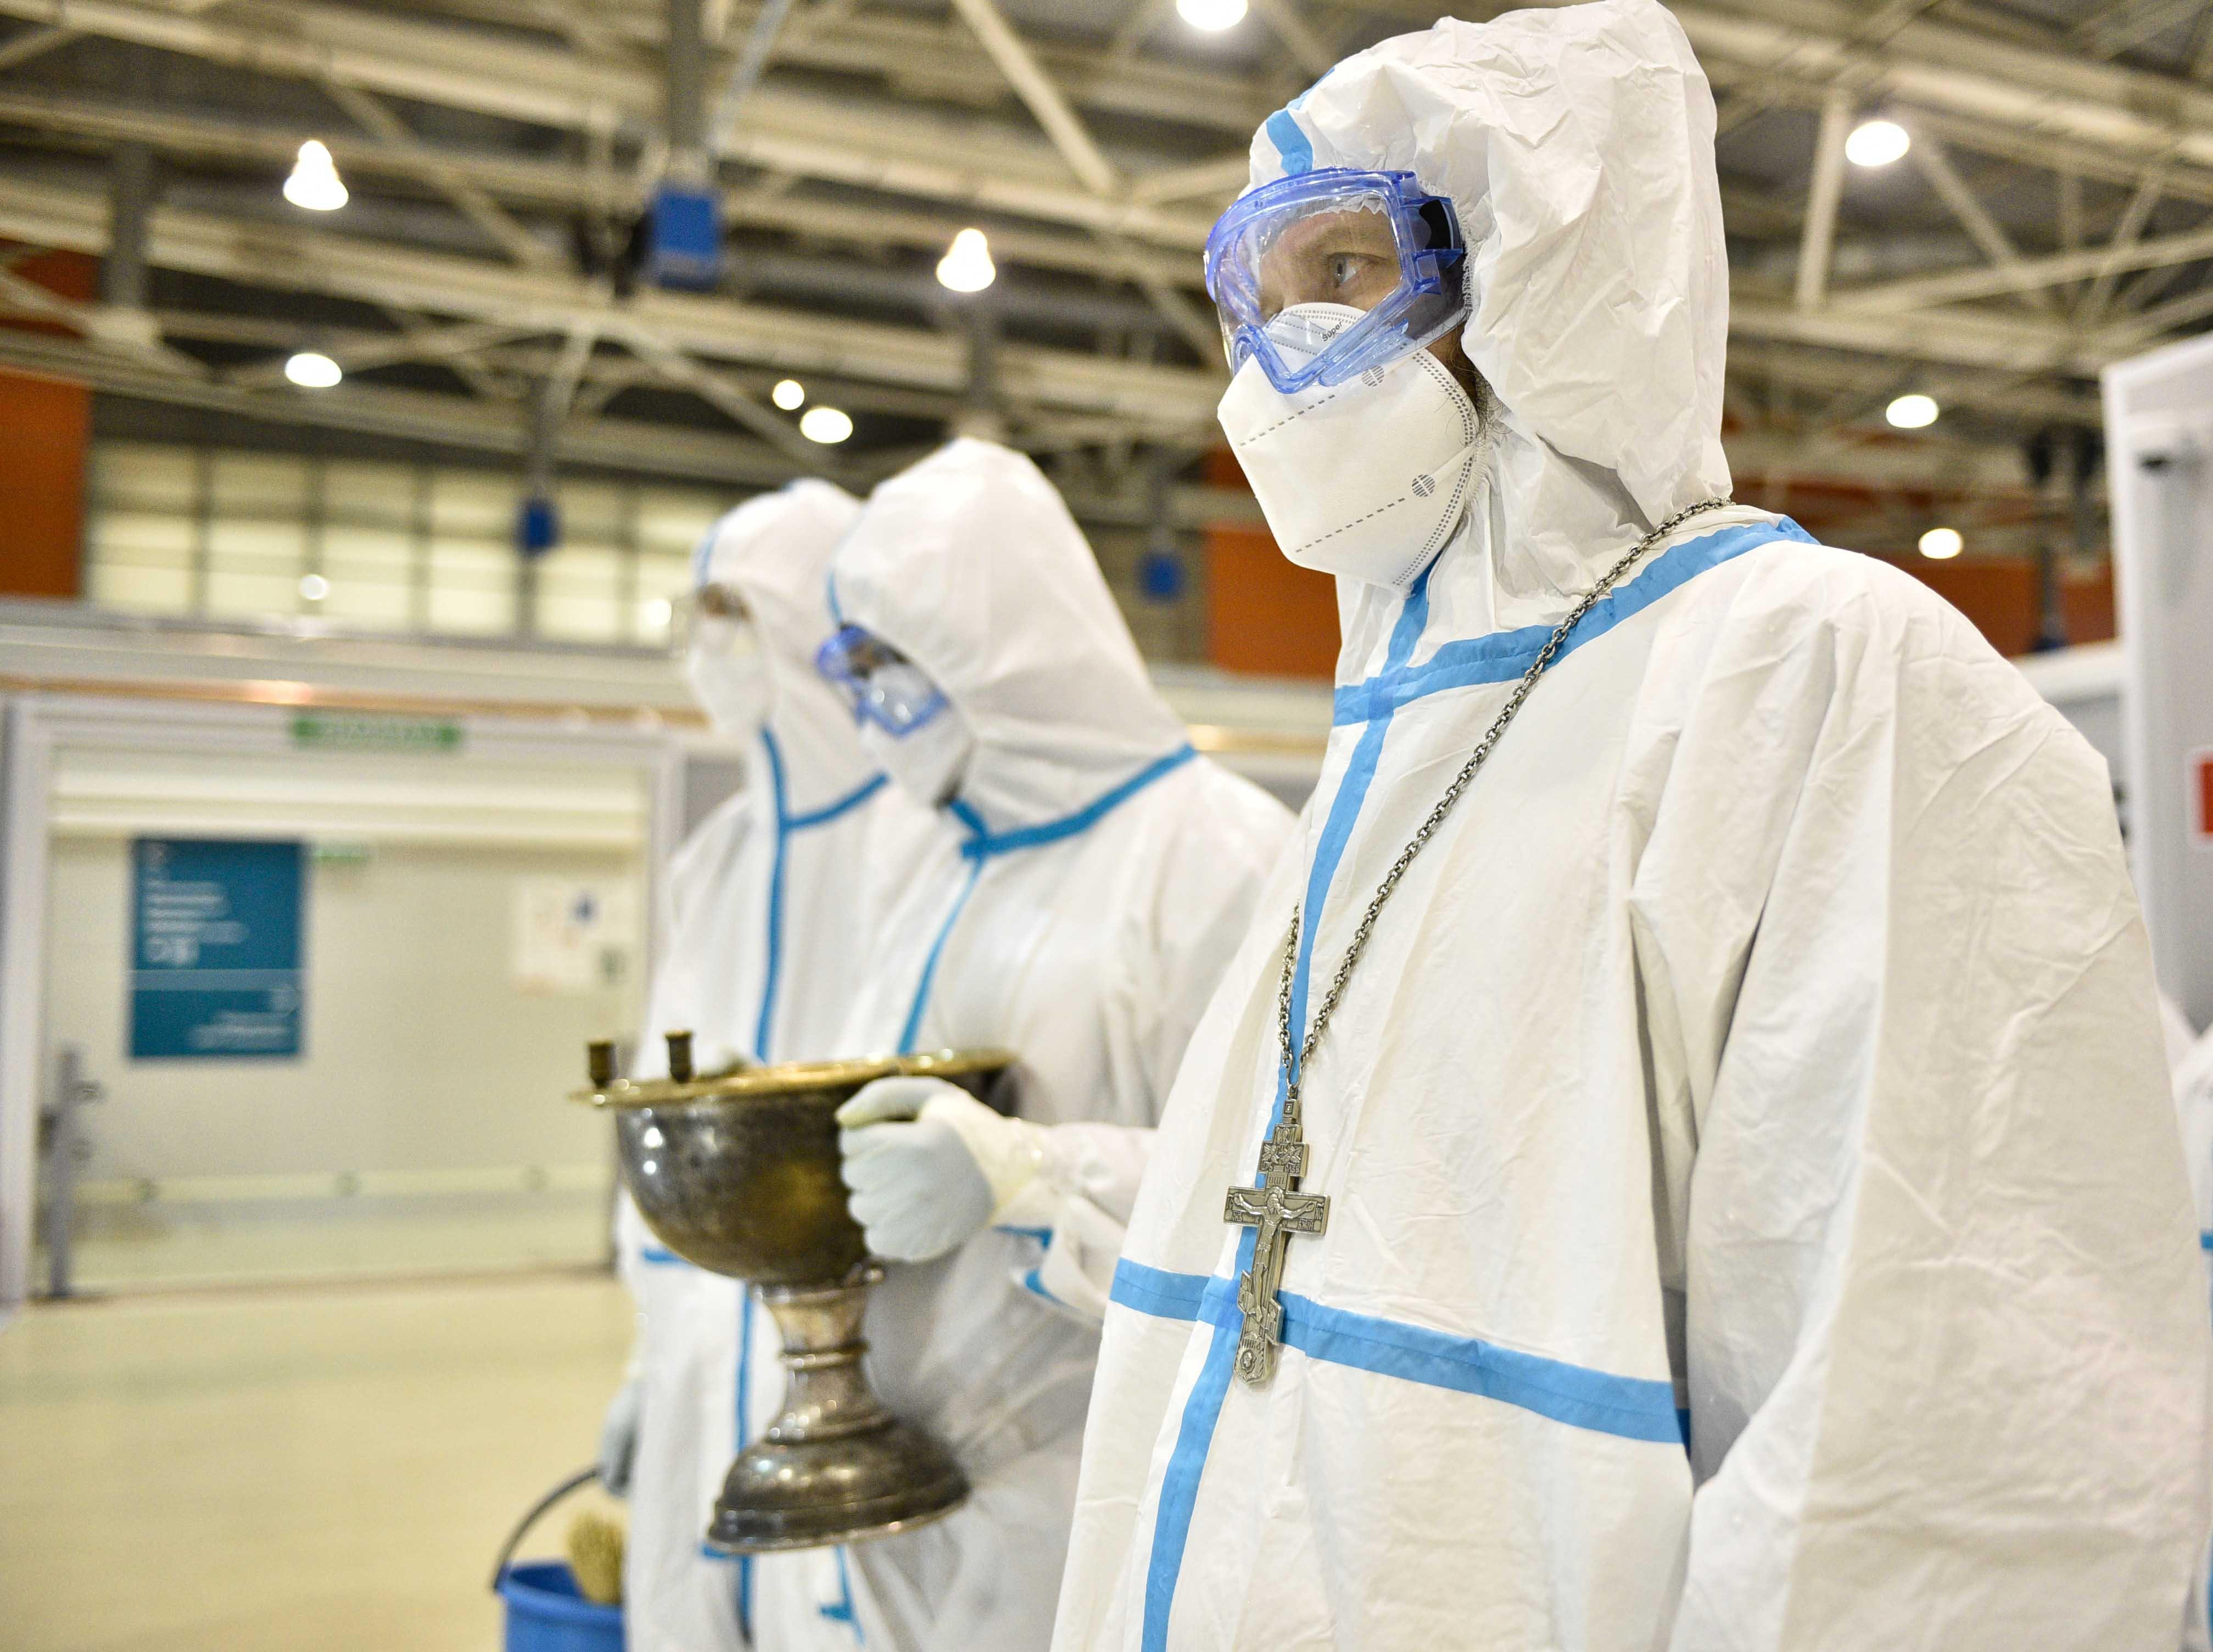 Священники из специальной группы во временном COVID-госпитале на ВДНХ. Фото: Пелагия Замятина